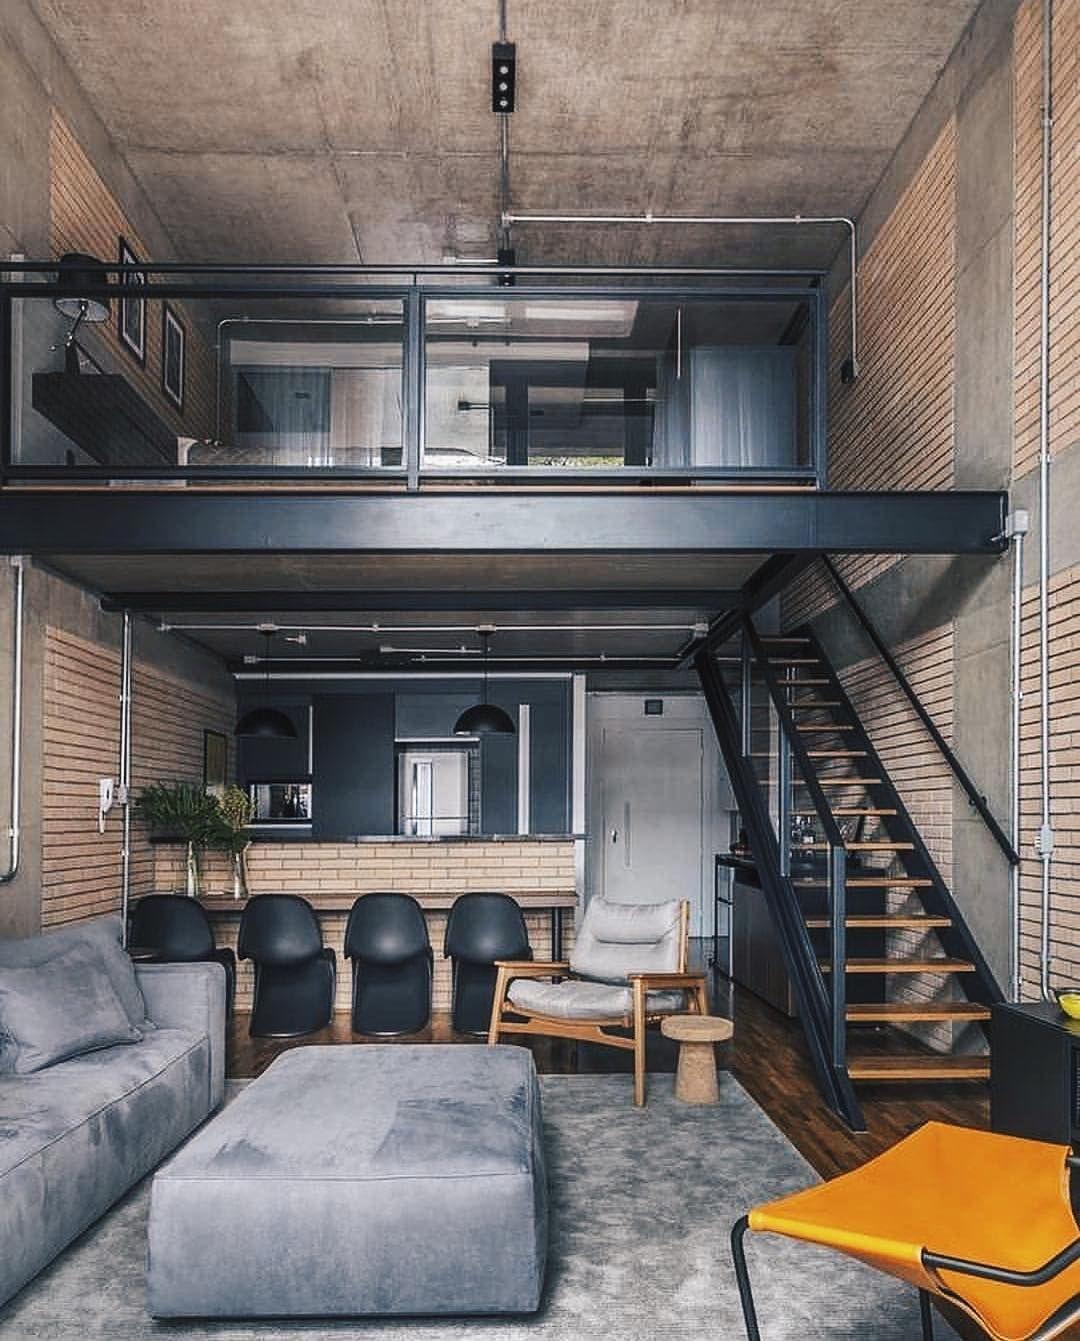 Chto Vam Nravitsya V Etom Dizajne Loft